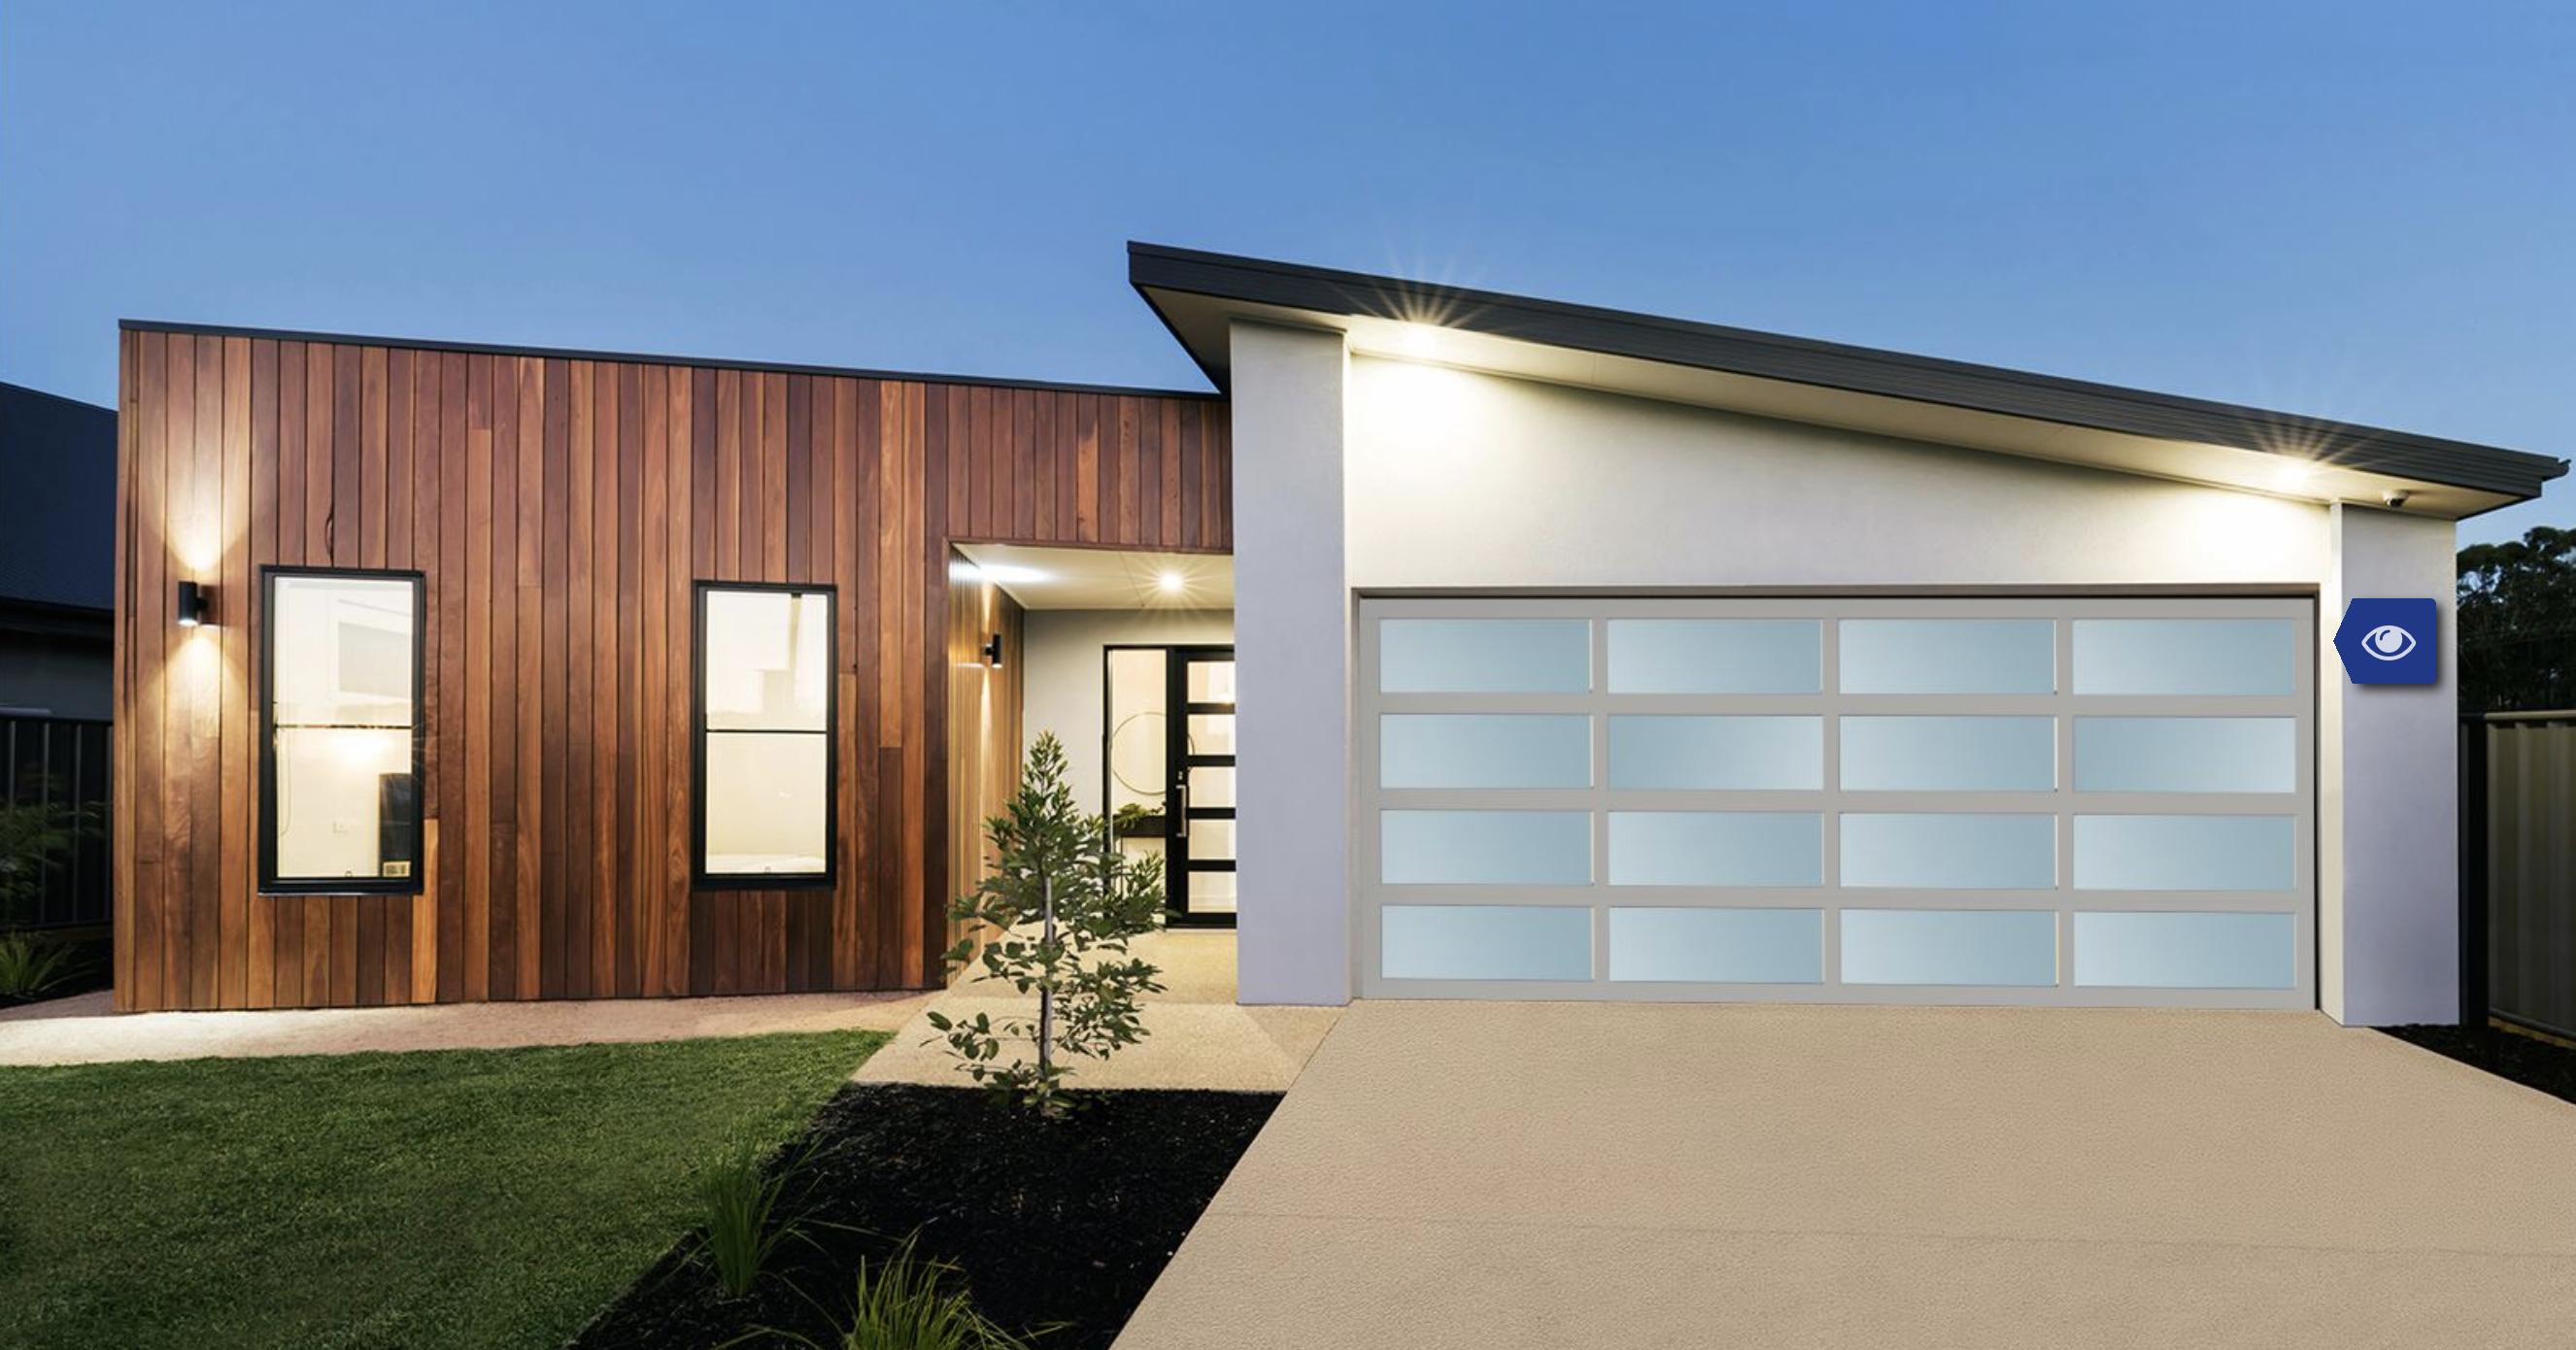 Design Your Garage Door Aluminum Full View Option Garage Door Design Garage Doors Garage Door Styles